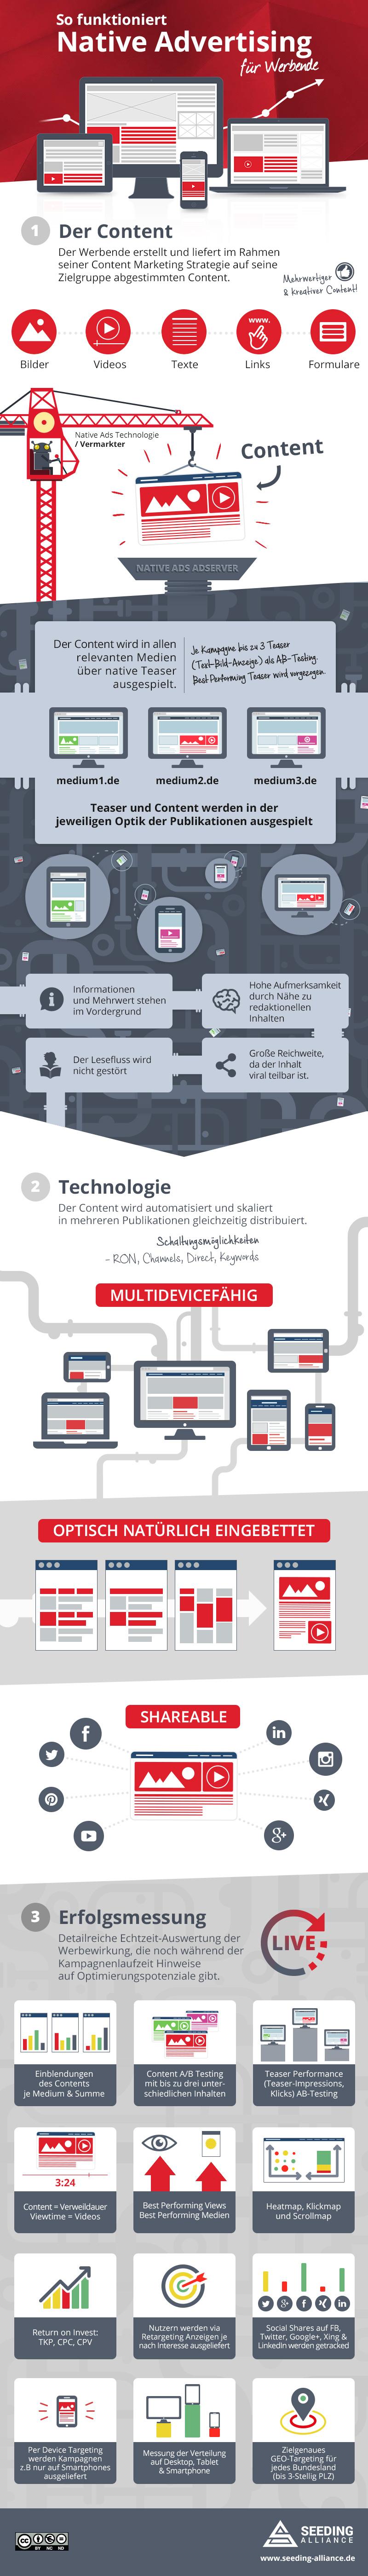 Infografik-Werbende-Native-Ads